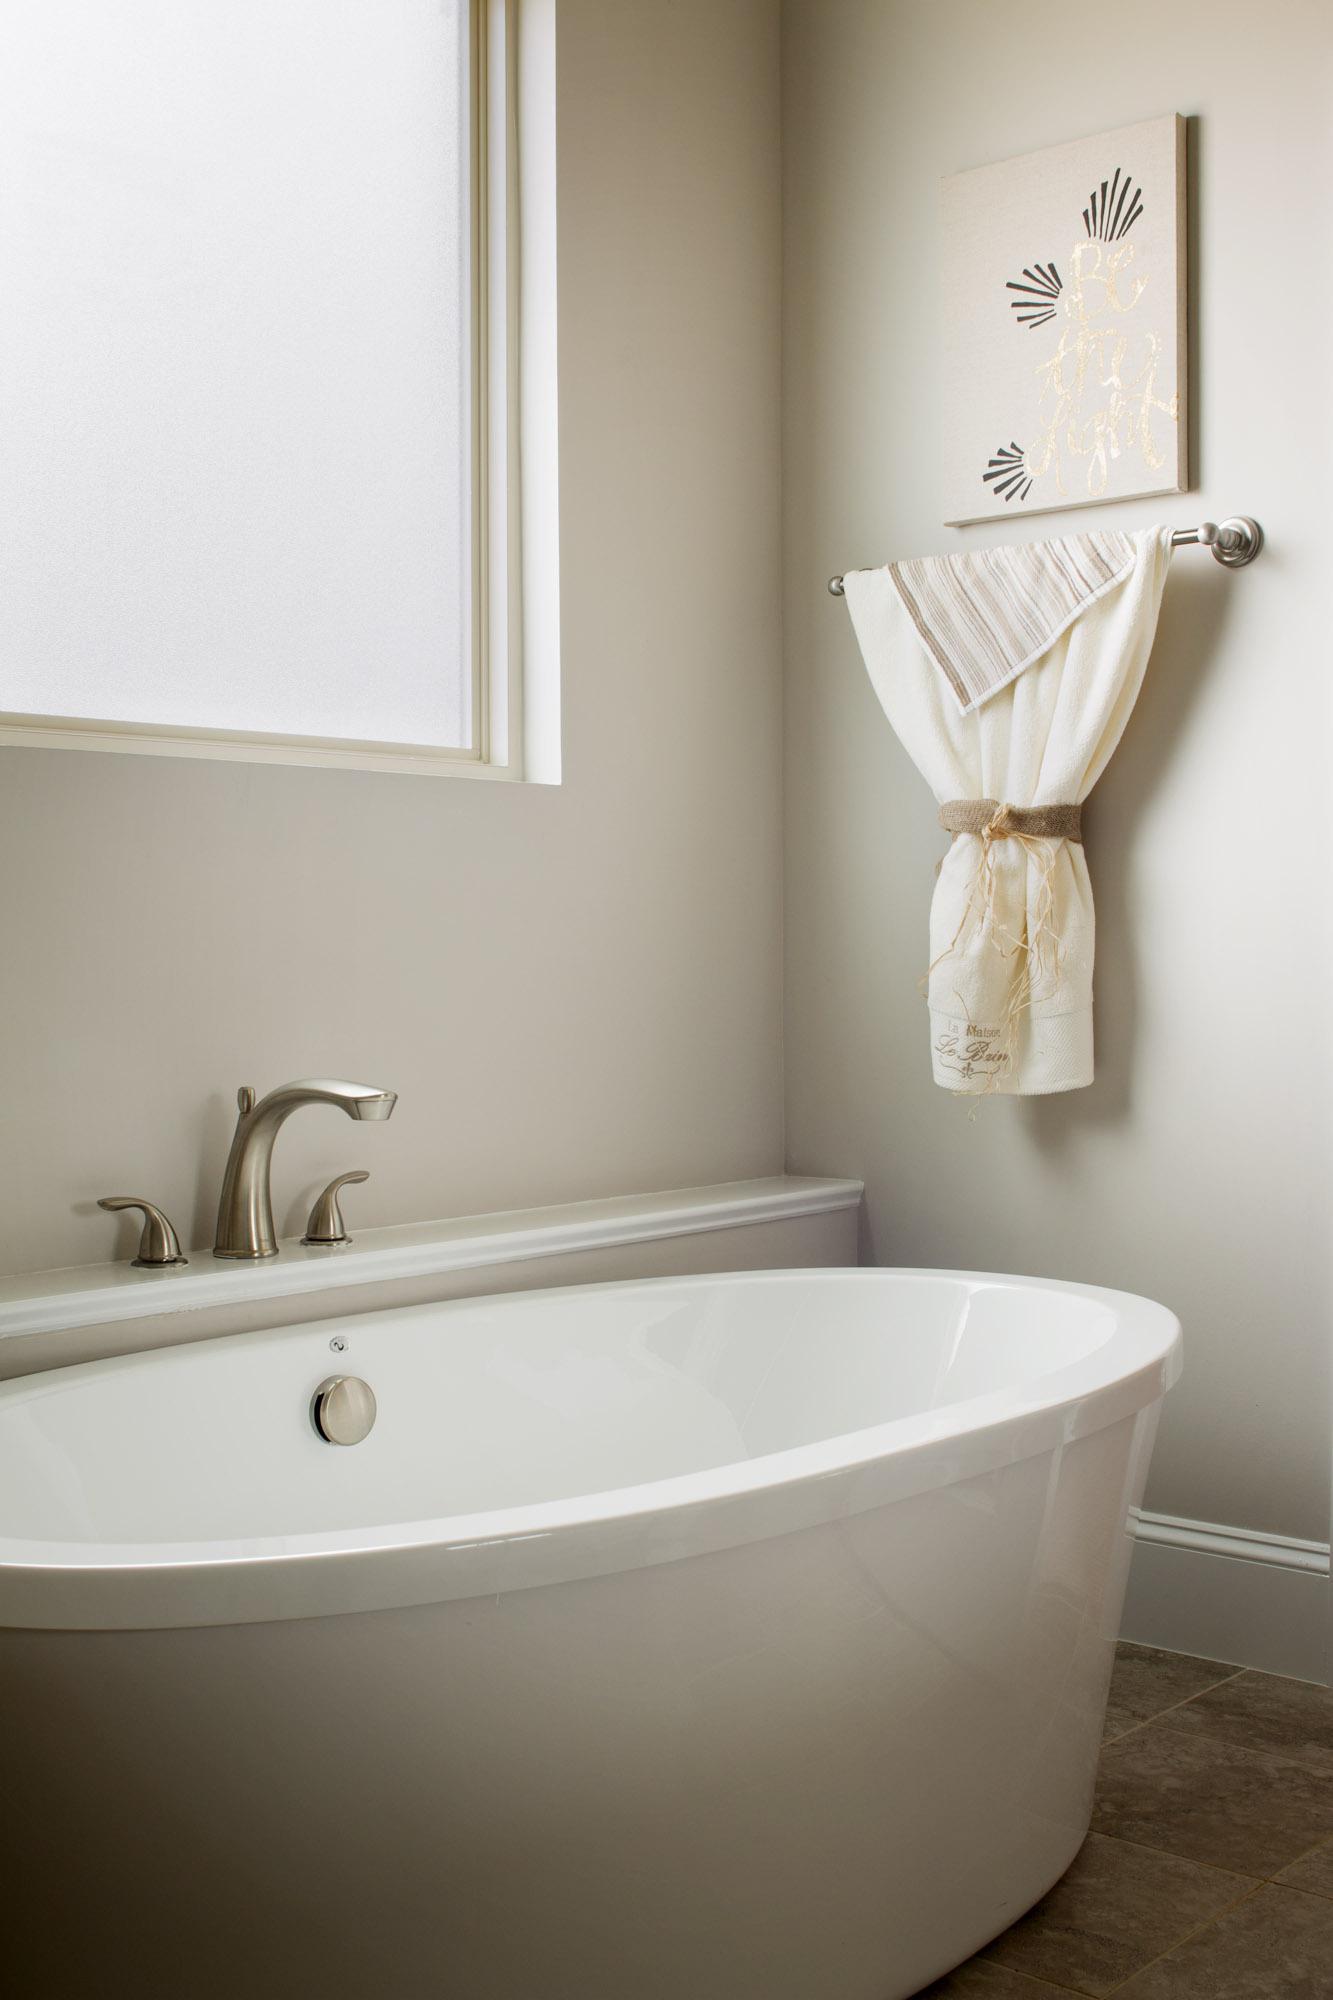 hendersonvile bath 001.jpg